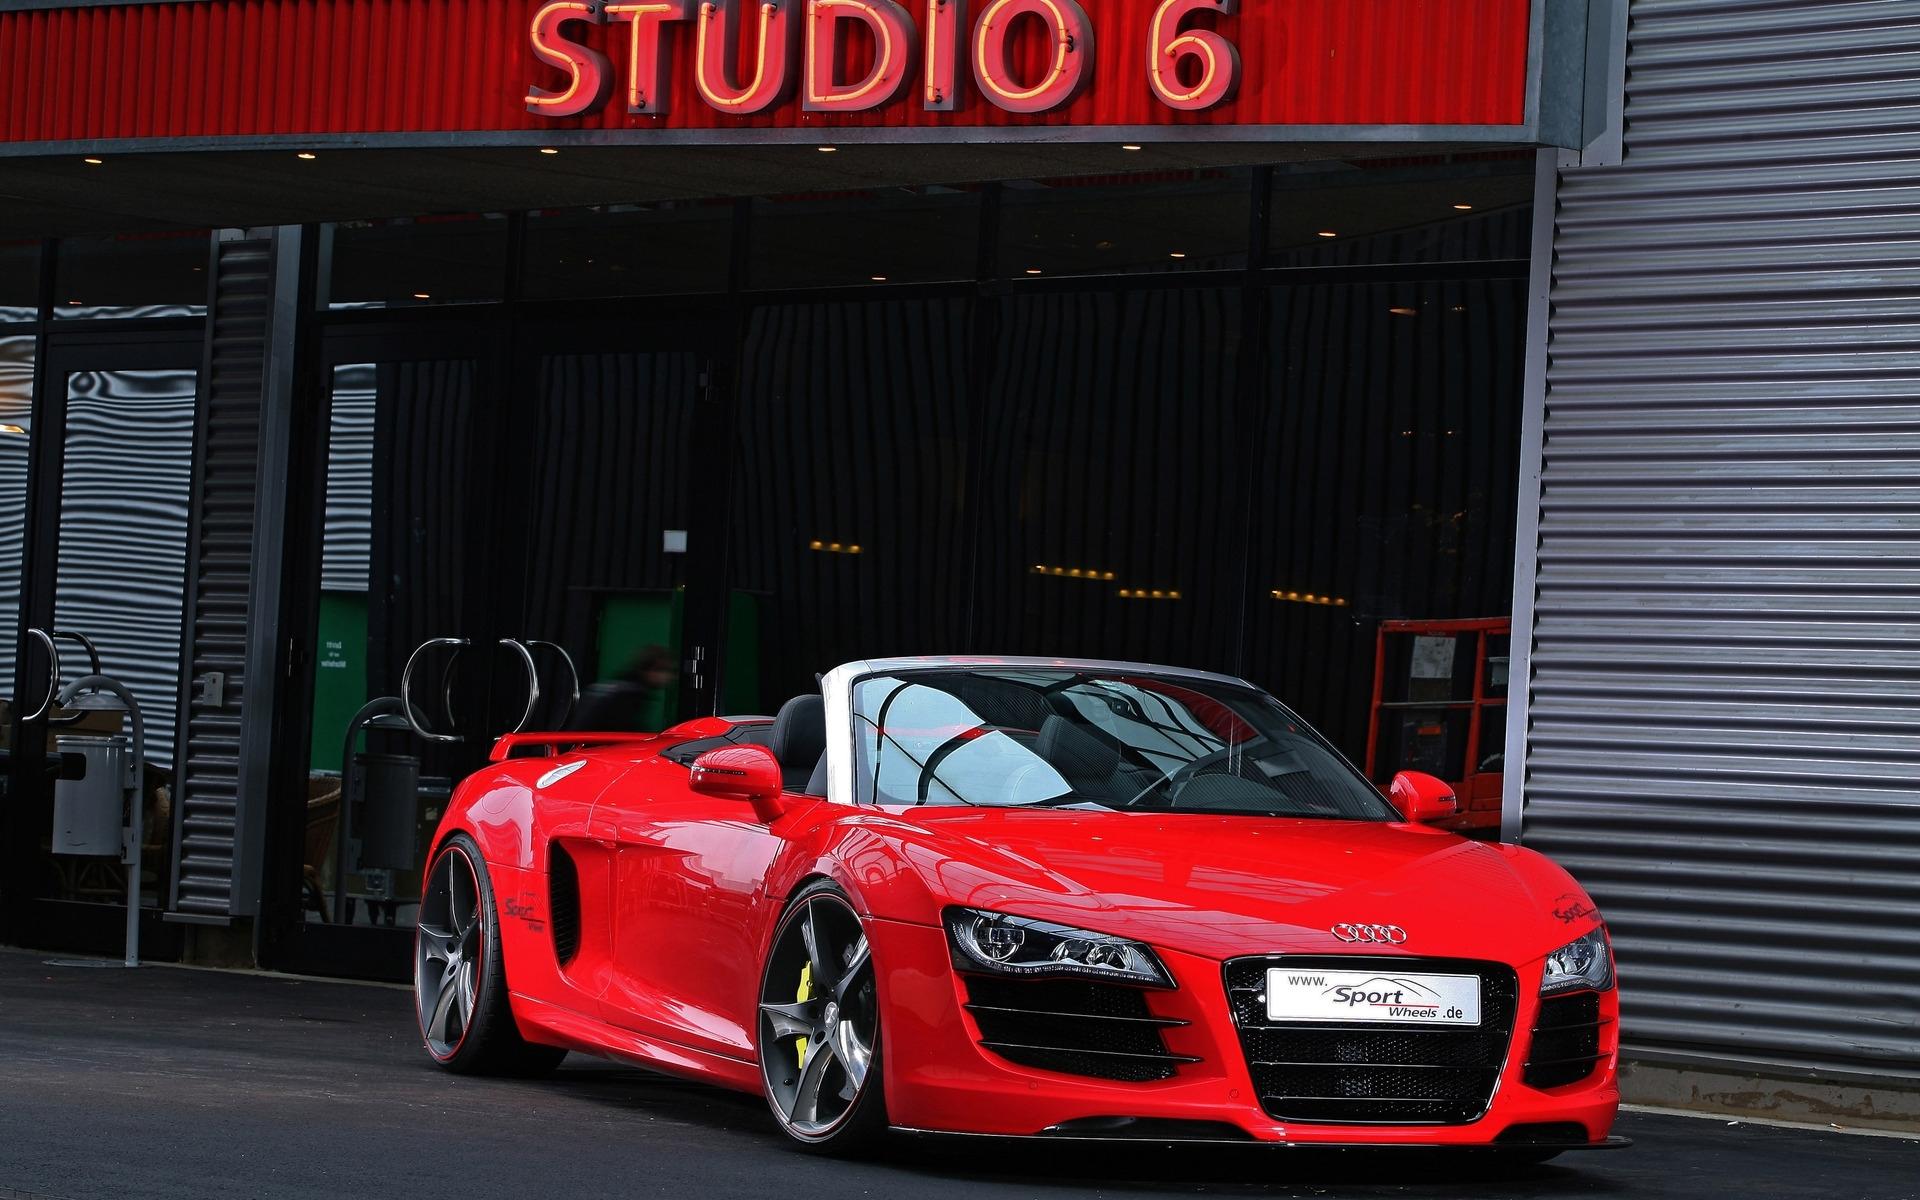 47527 télécharger le fond d'écran Transports, Voitures, Audi - économiseurs d'écran et images gratuitement